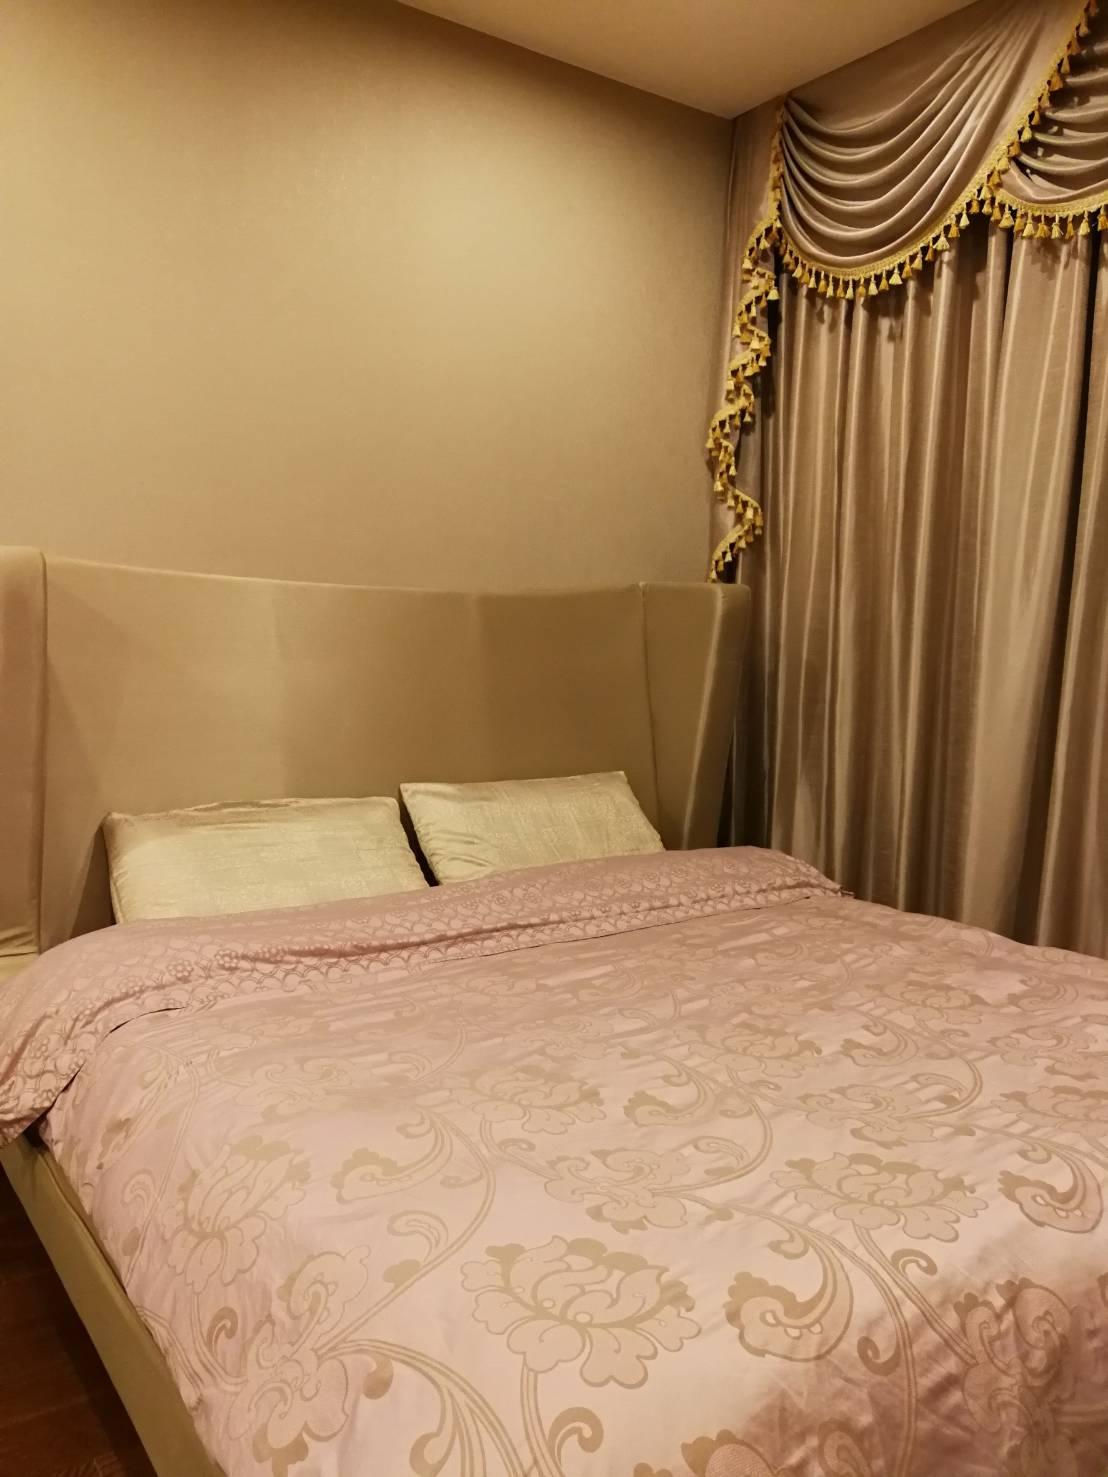 ภาพคอนโดต้องการขาย แม่น้ำ เรสซิเดนท์  ซอย เจริญกรุง 72/5  วัดพระยาไกร บางคอแหลม 2 ห้องนอน พร้อมอยู่ ราคาถูก